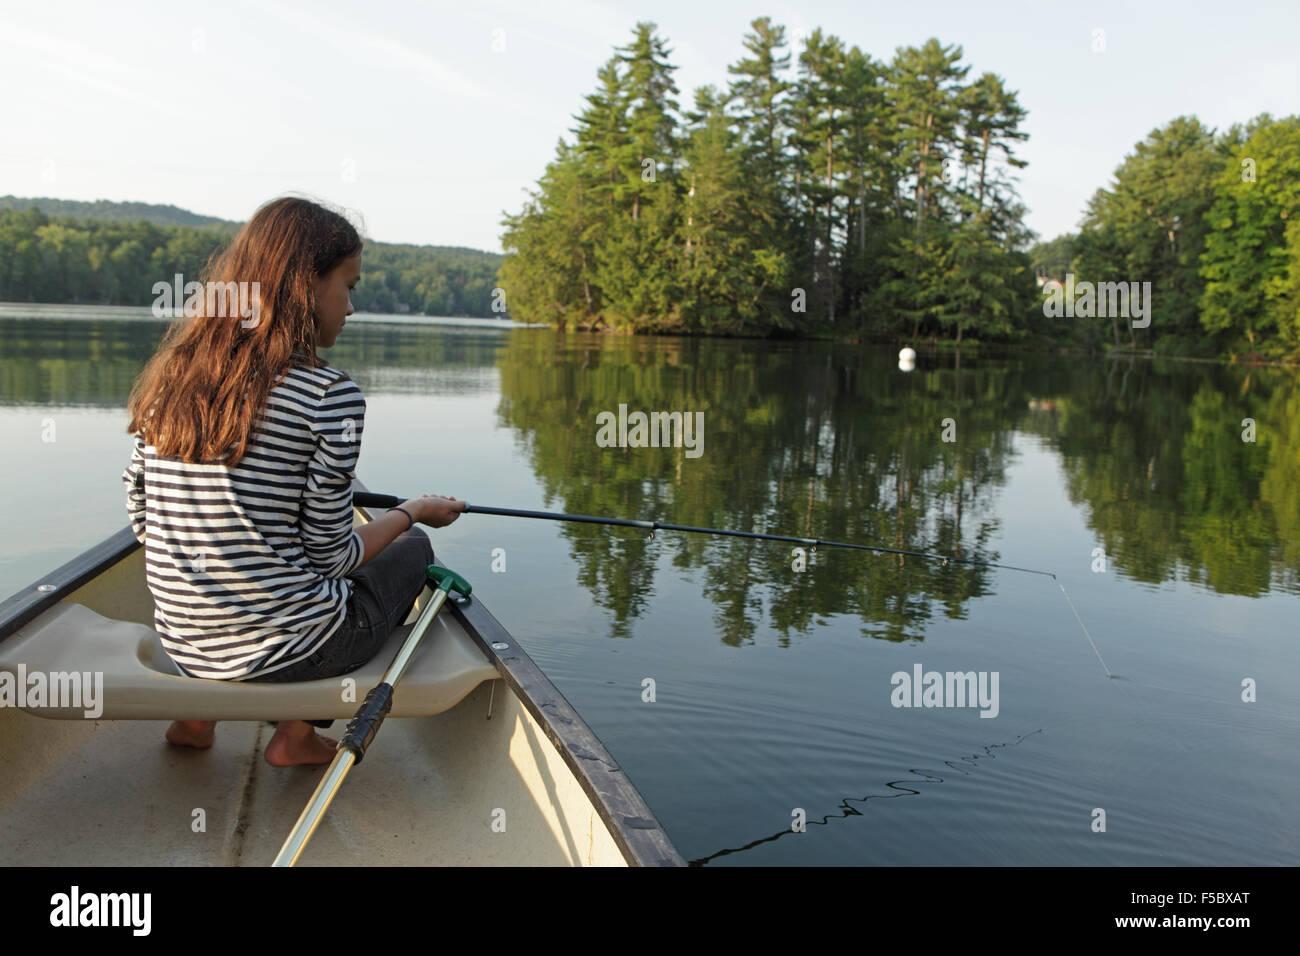 Jeune fille d'un canot de pêche sur un lac calme avec des arbres en arrière-plan Photo Stock